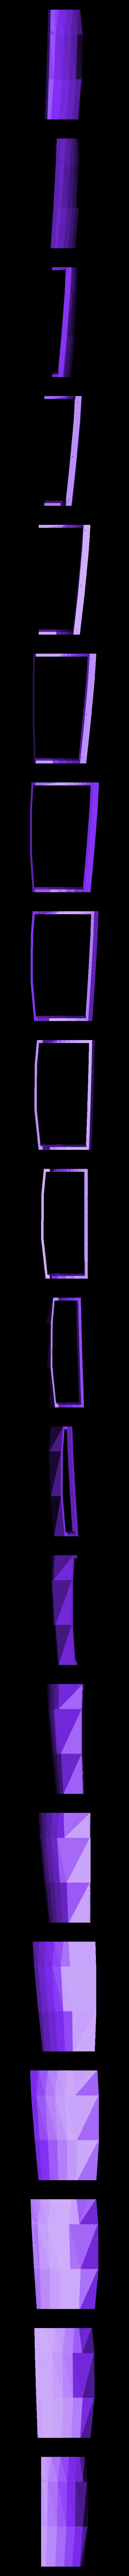 Mid_Rear_Left_mk2.stl Télécharger fichier STL gratuit Voilier à voile • Objet pour impression 3D, Rusichar